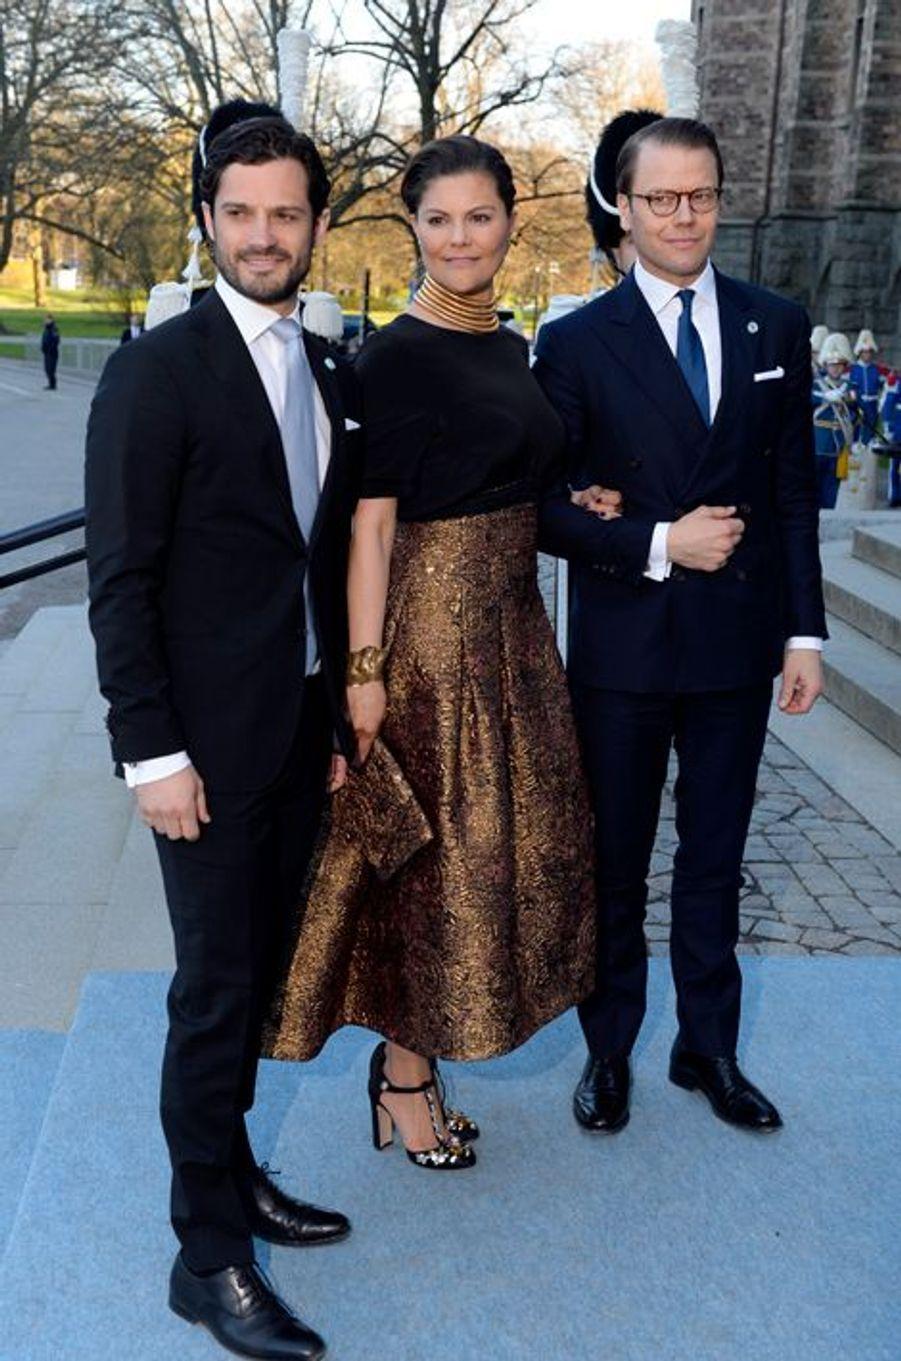 Ce vendredi 29 avril, la princesse Victoria de Suède a interrompu son congé de maternité pour prendre part aux réjouissances organisées pour les 70 ans du roi Carl XVI Gustaf son père. La princesse Madeleine était là elle aussi.Chaque dimanche, le Royal Blog de Paris Match vous propose de voir ou revoir les plus belles photographies de la semaine royale.